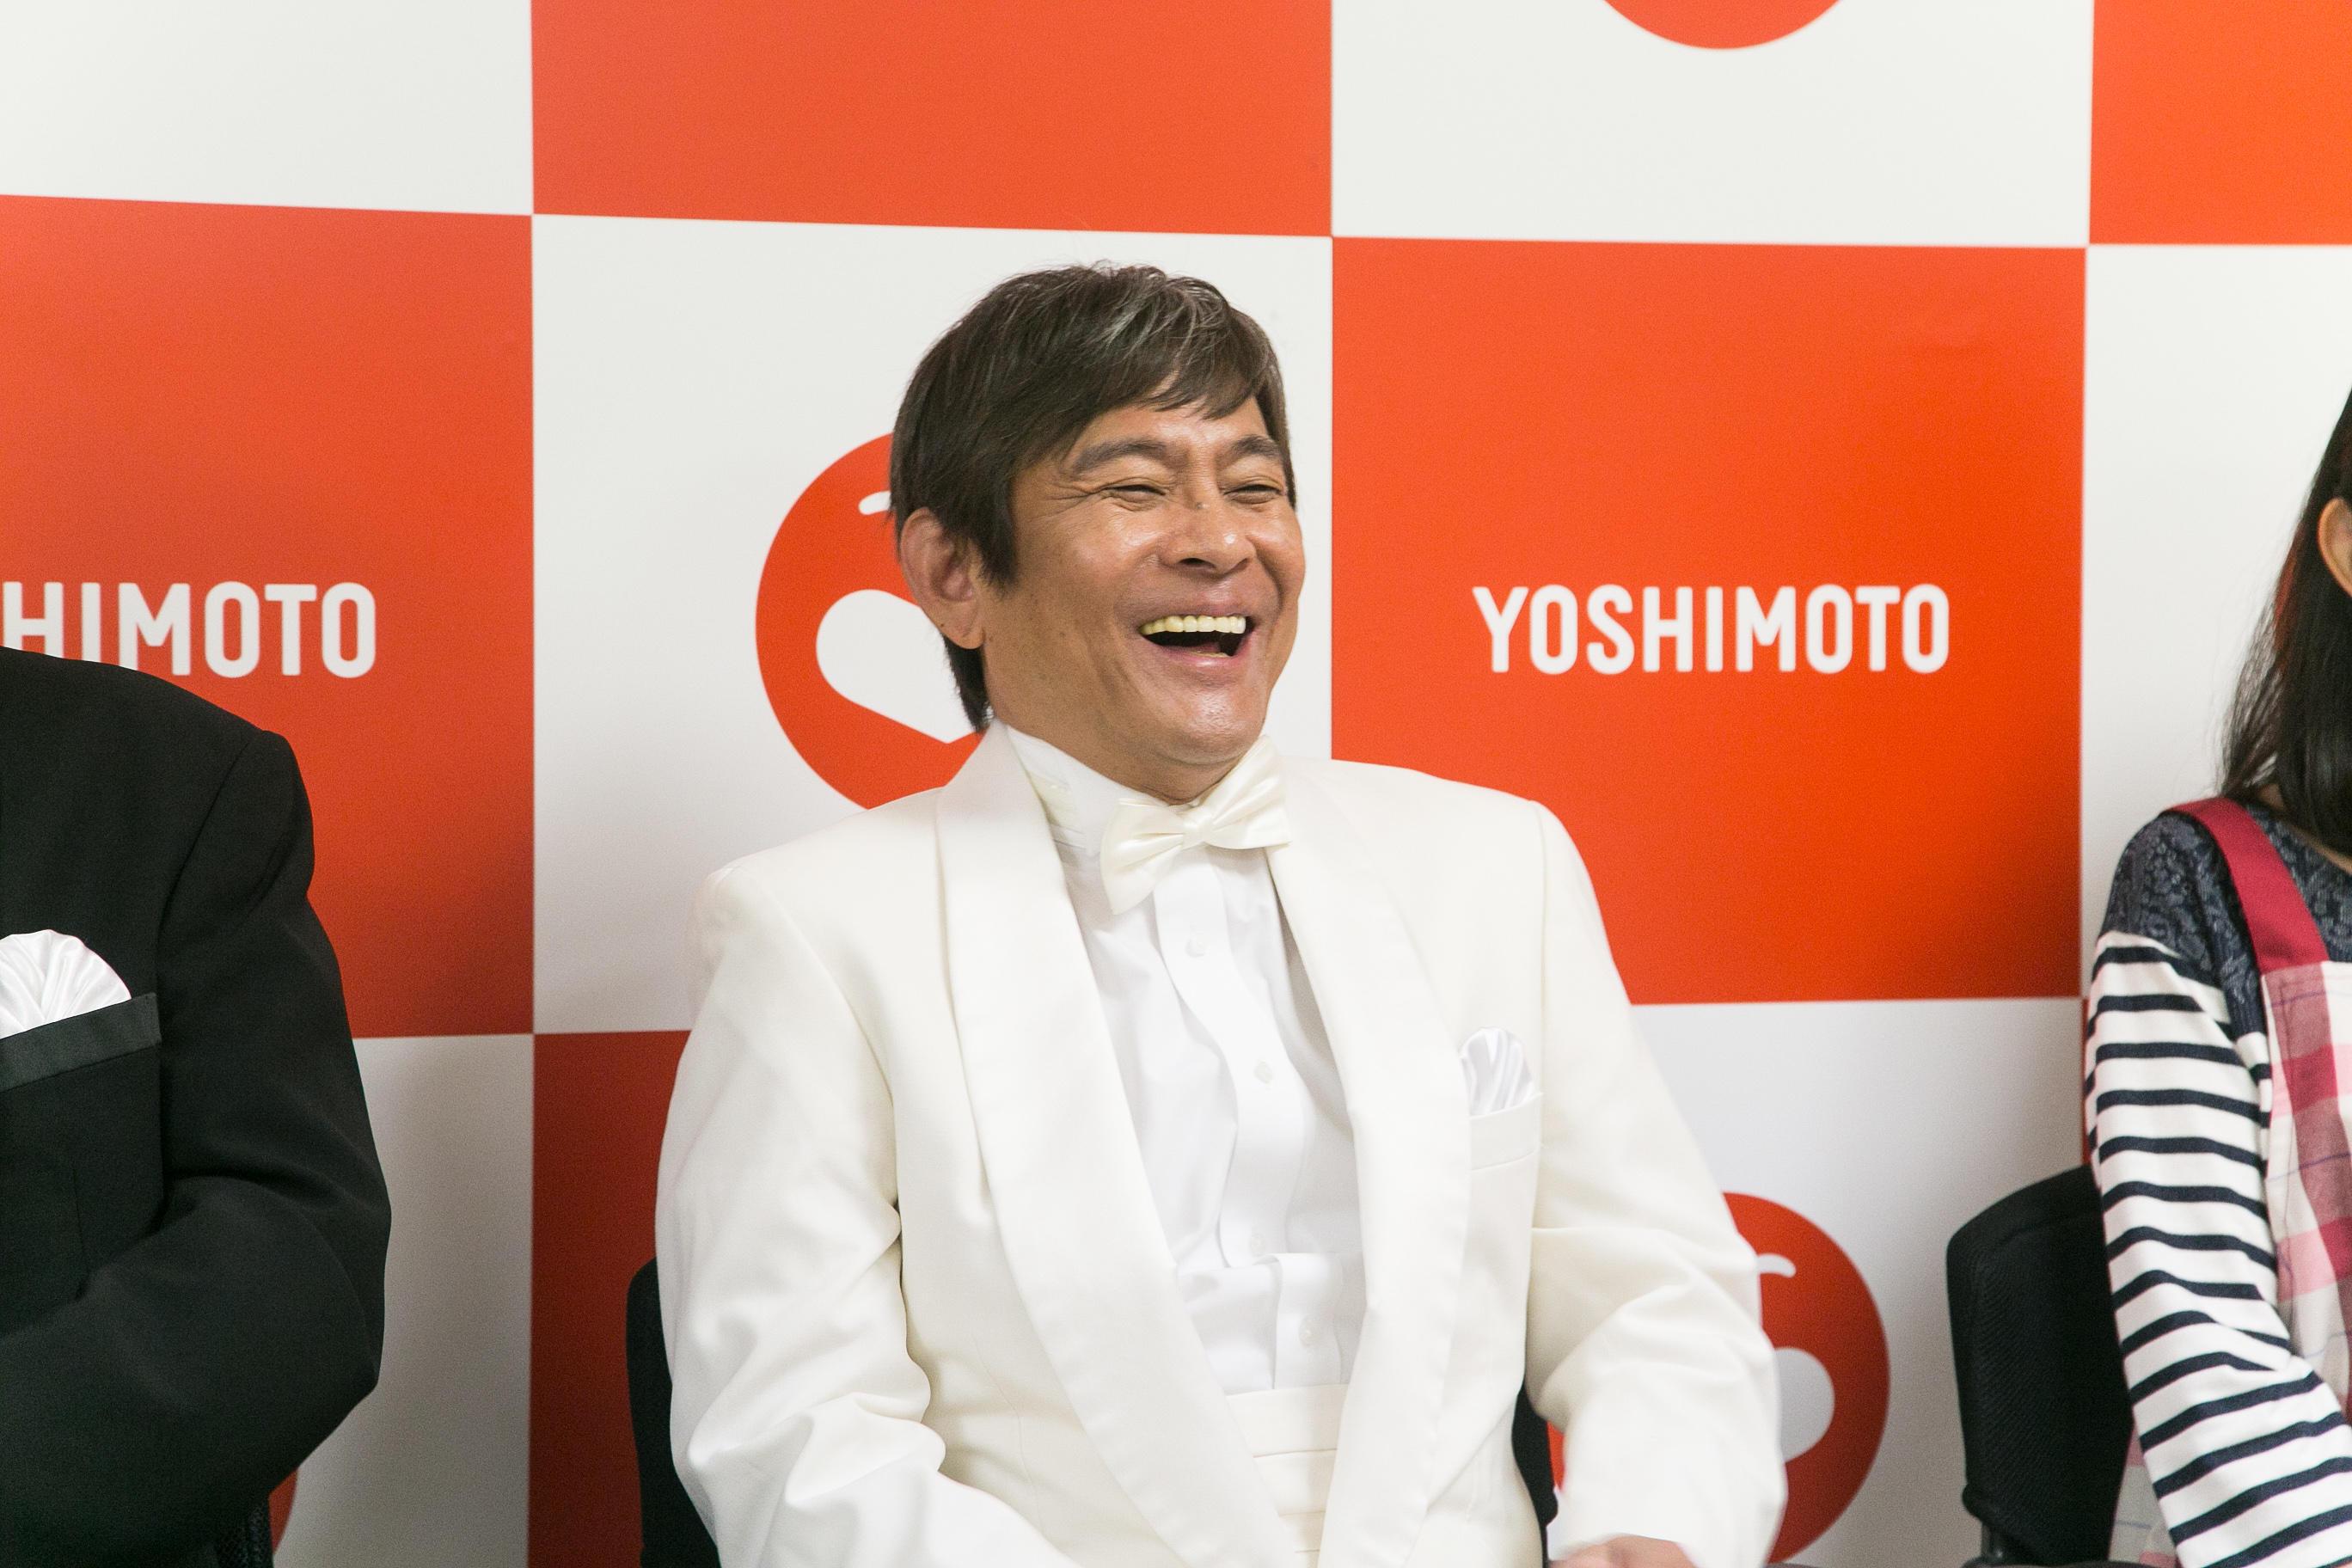 http://news.yoshimoto.co.jp/20180914170535-c5c3fb32156037e89f3228703c67f6bdf35cd96b.jpg